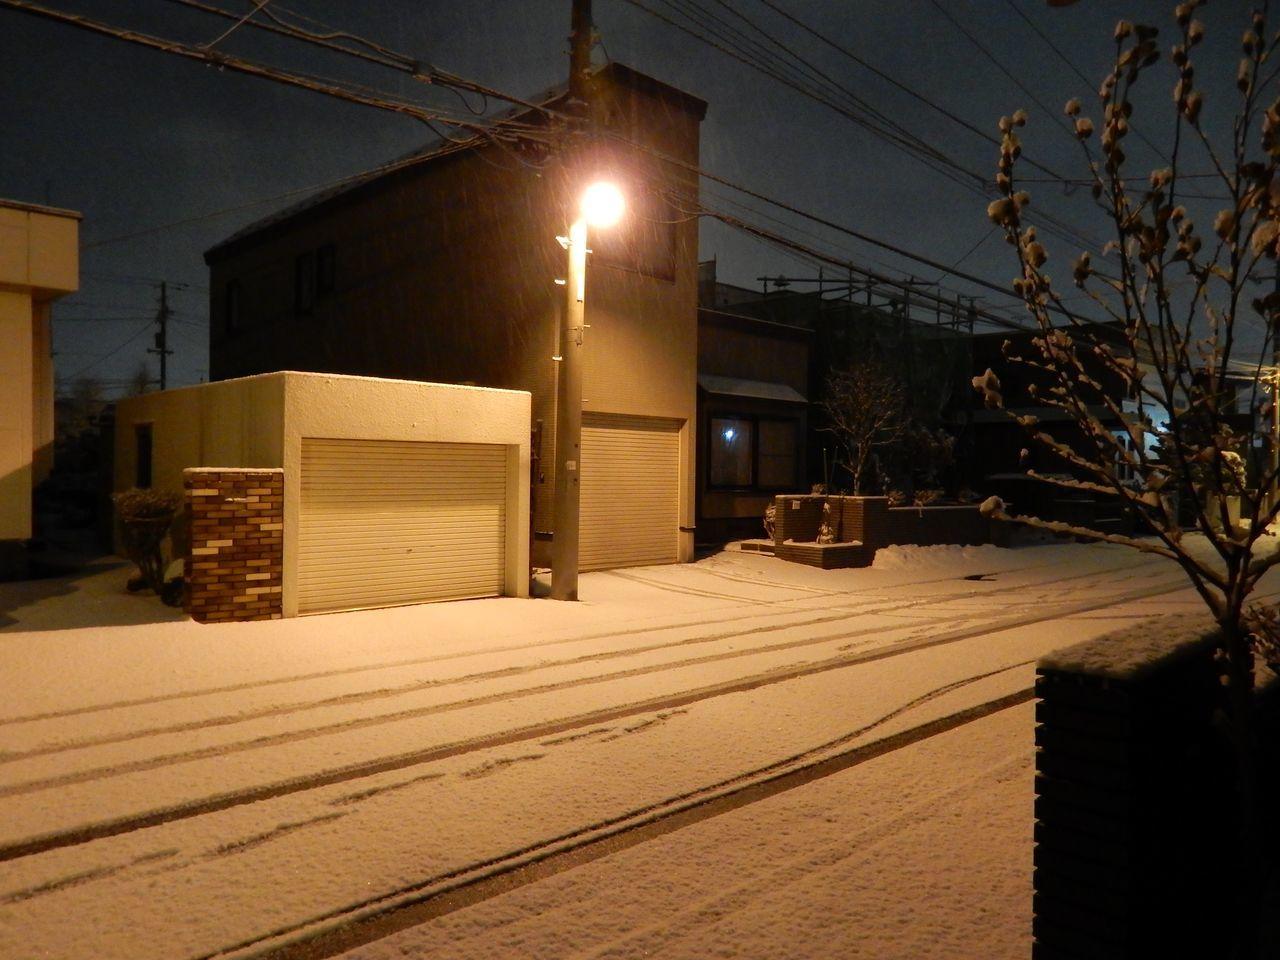 嵐にならない札幌_c0025115_21253978.jpg